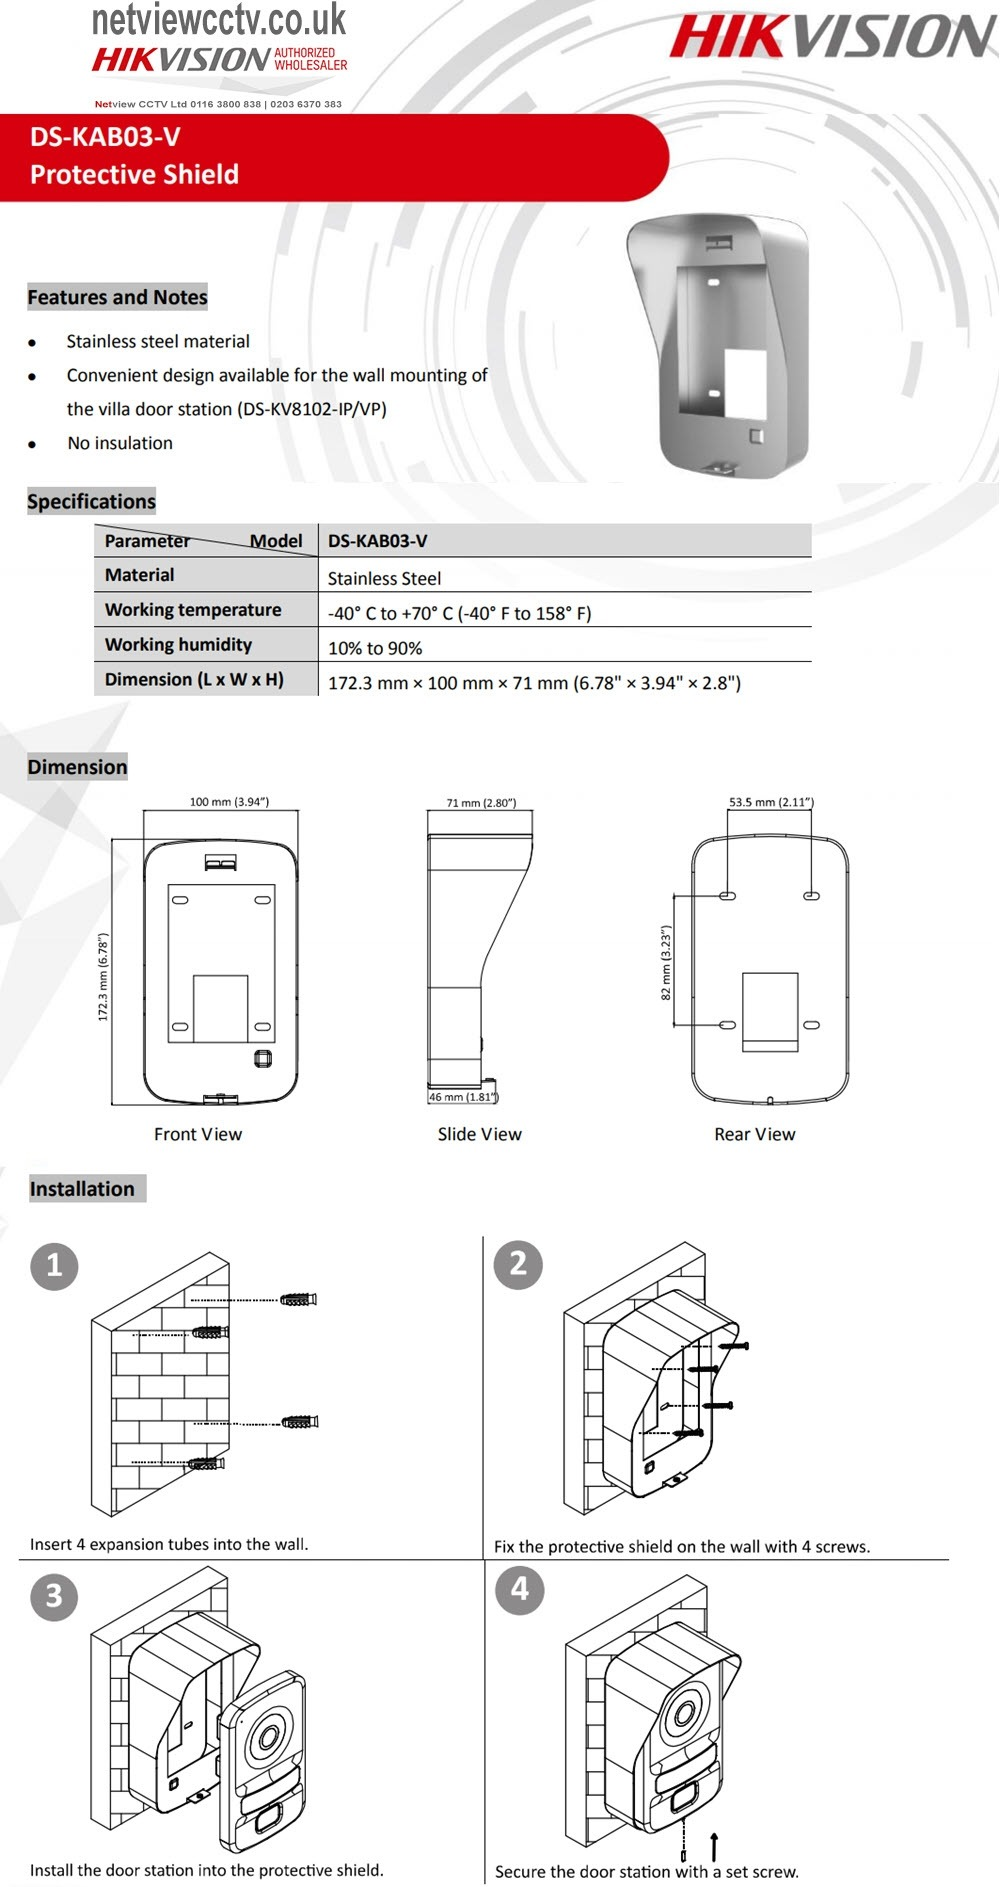 Hikvision DS-KAB03-V Surface Mount Back Box for Villa Door Station IP/VP